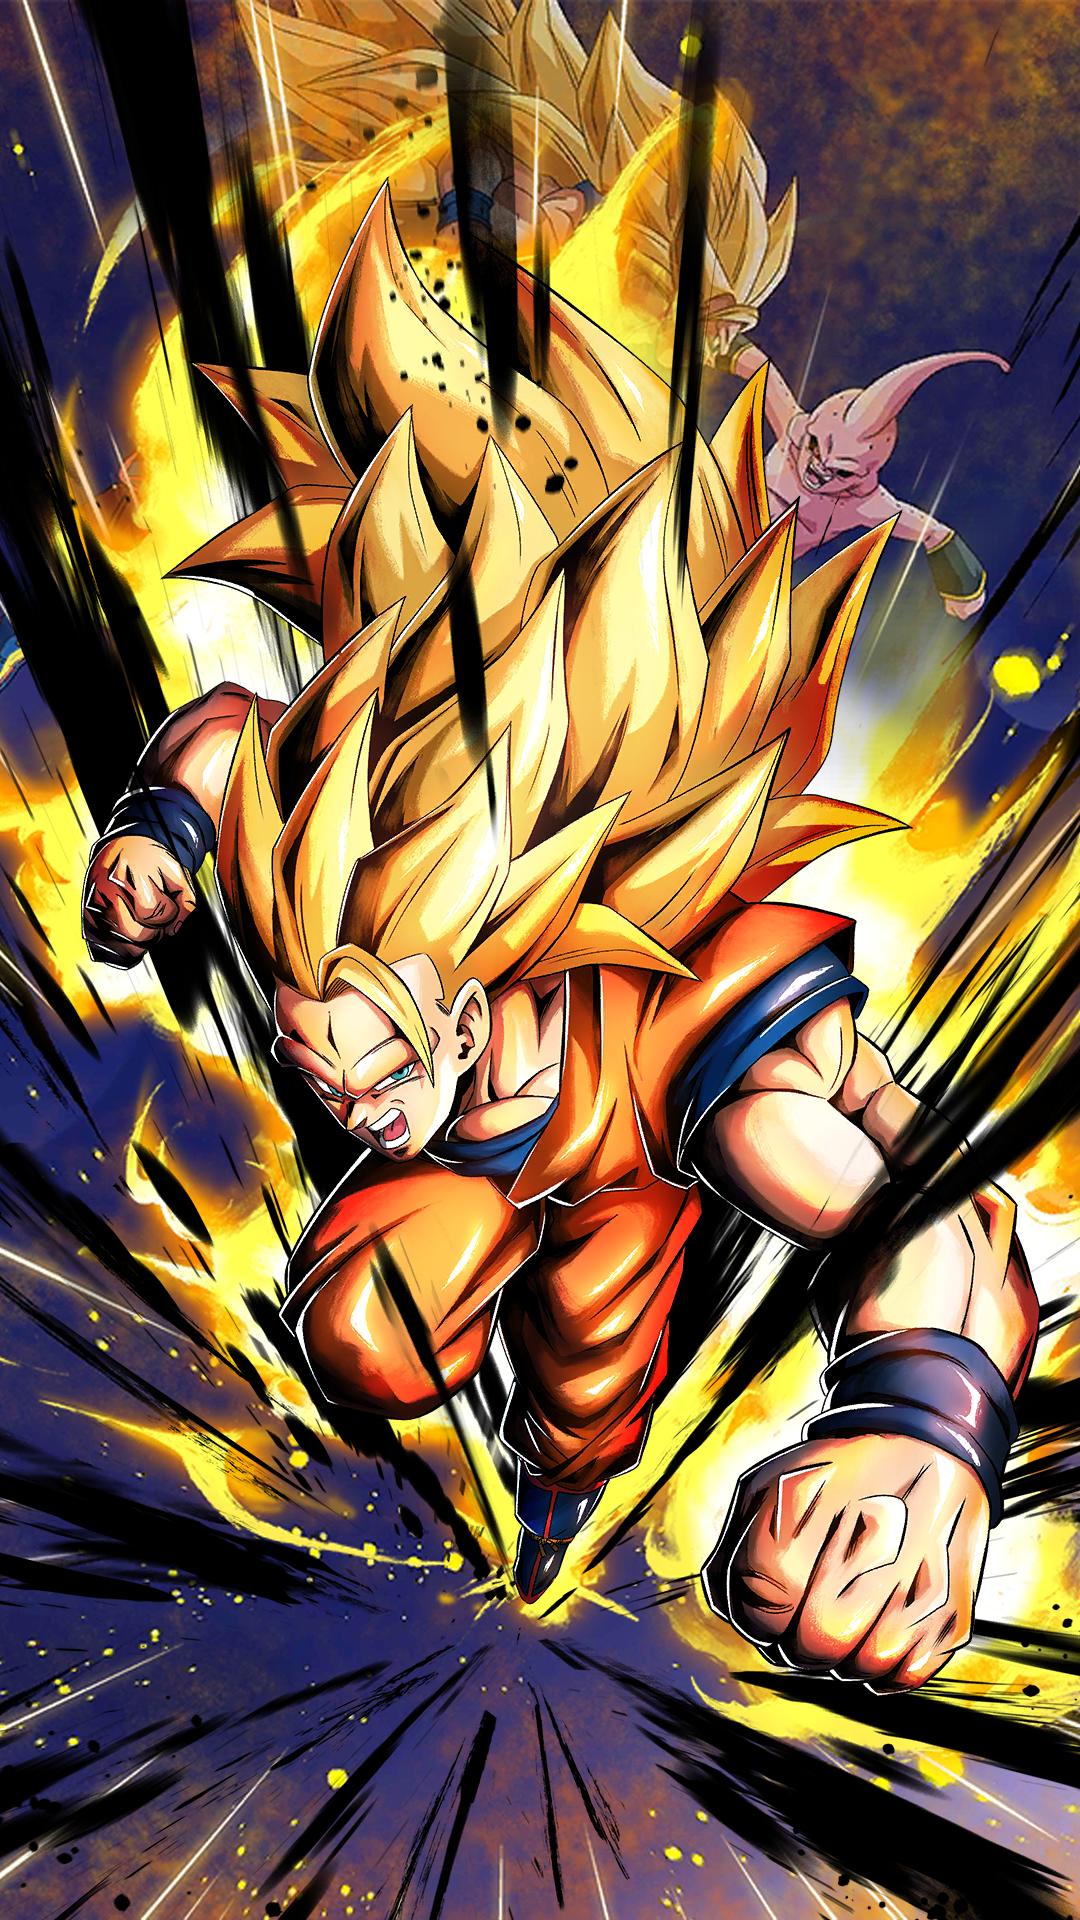 Free Download Super Saiyan 3 Goku Hd Wallpaper